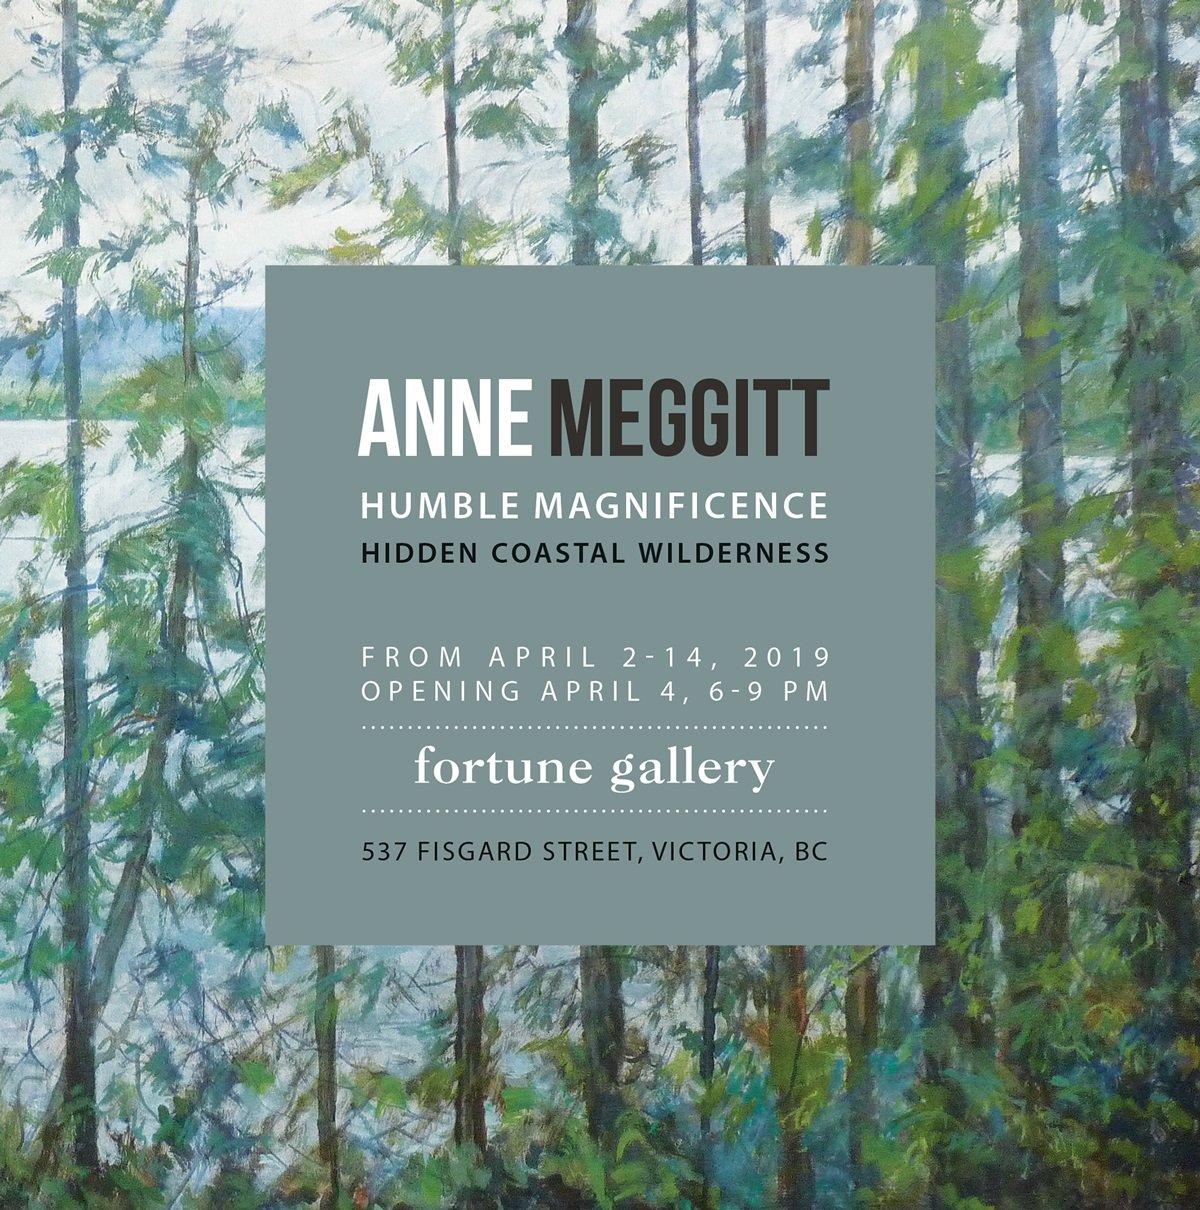 Humble Magnificence - ANNE MEGGITT - April 2 - 14th 2019